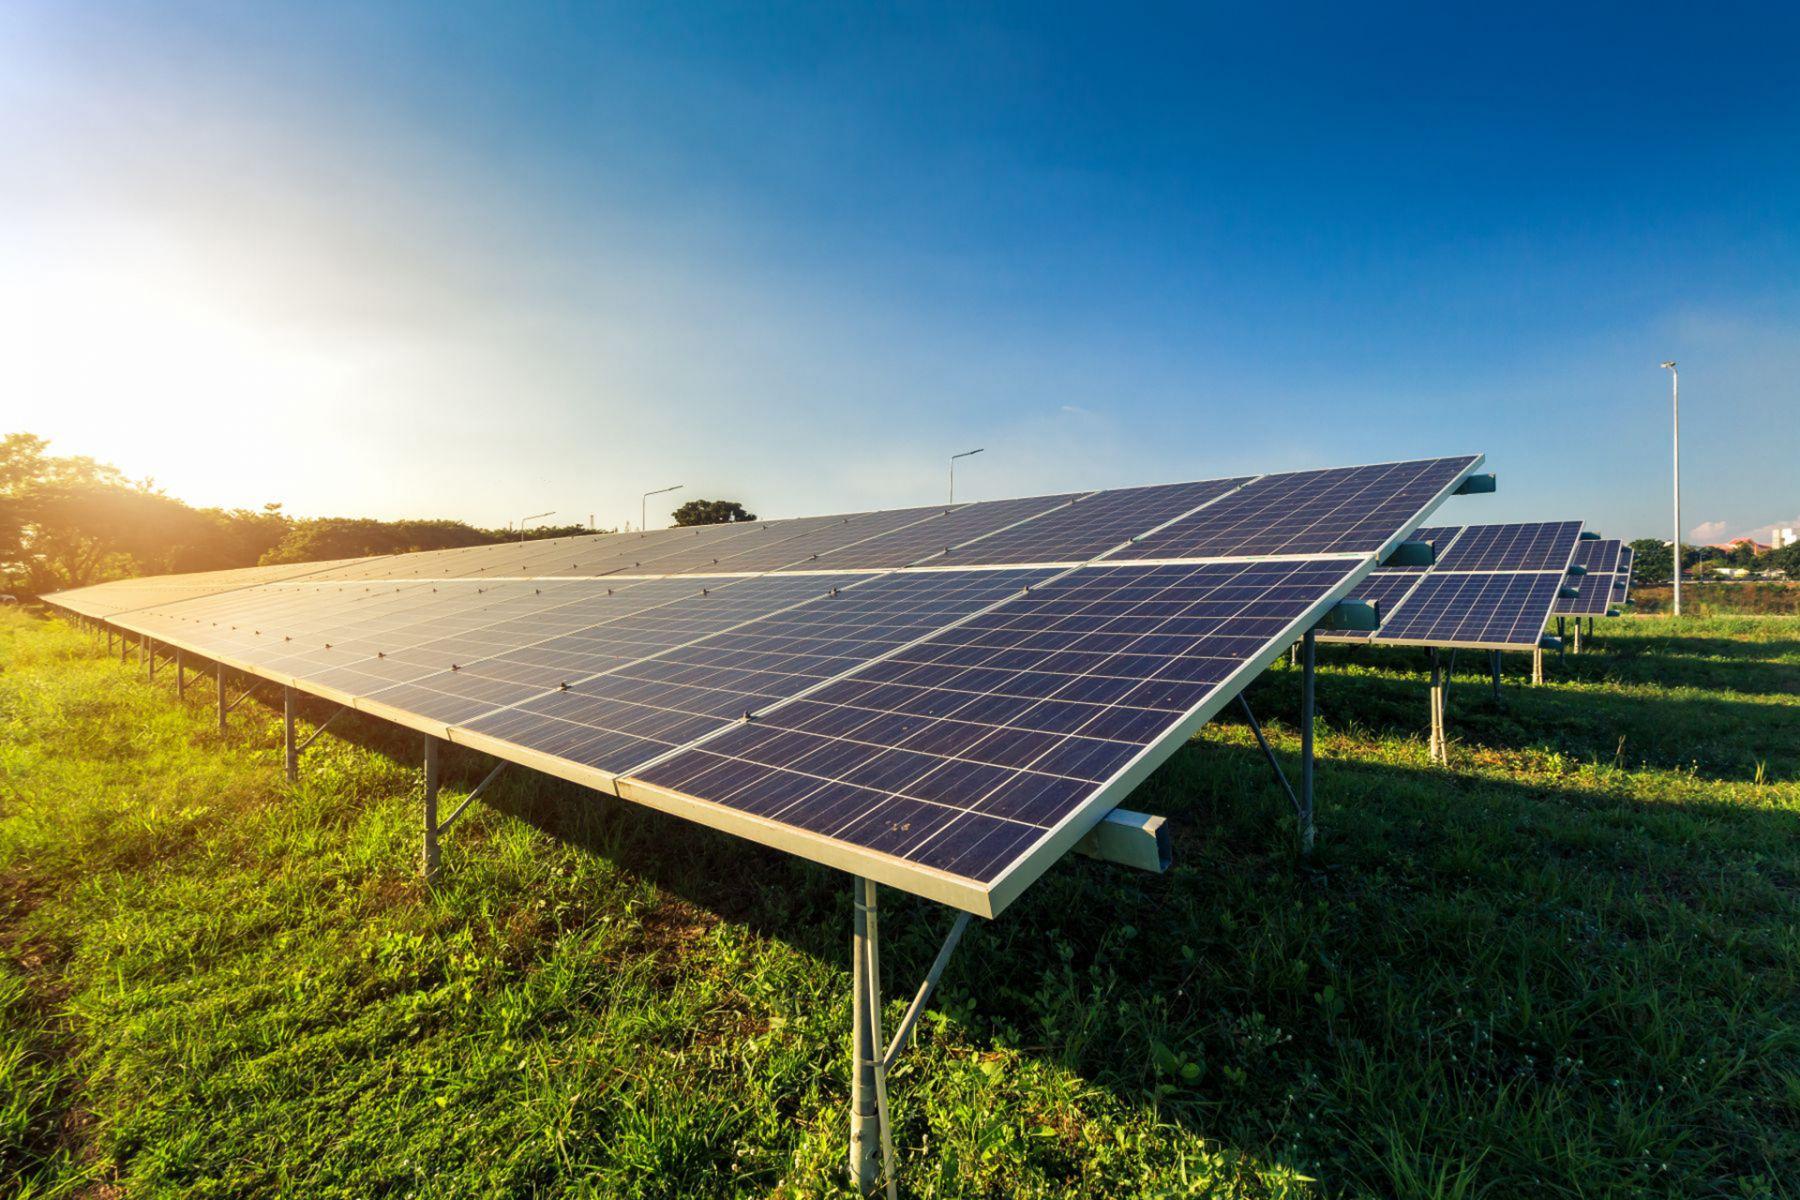 綠能陷財務困境 將向經濟部申請債權債務協商